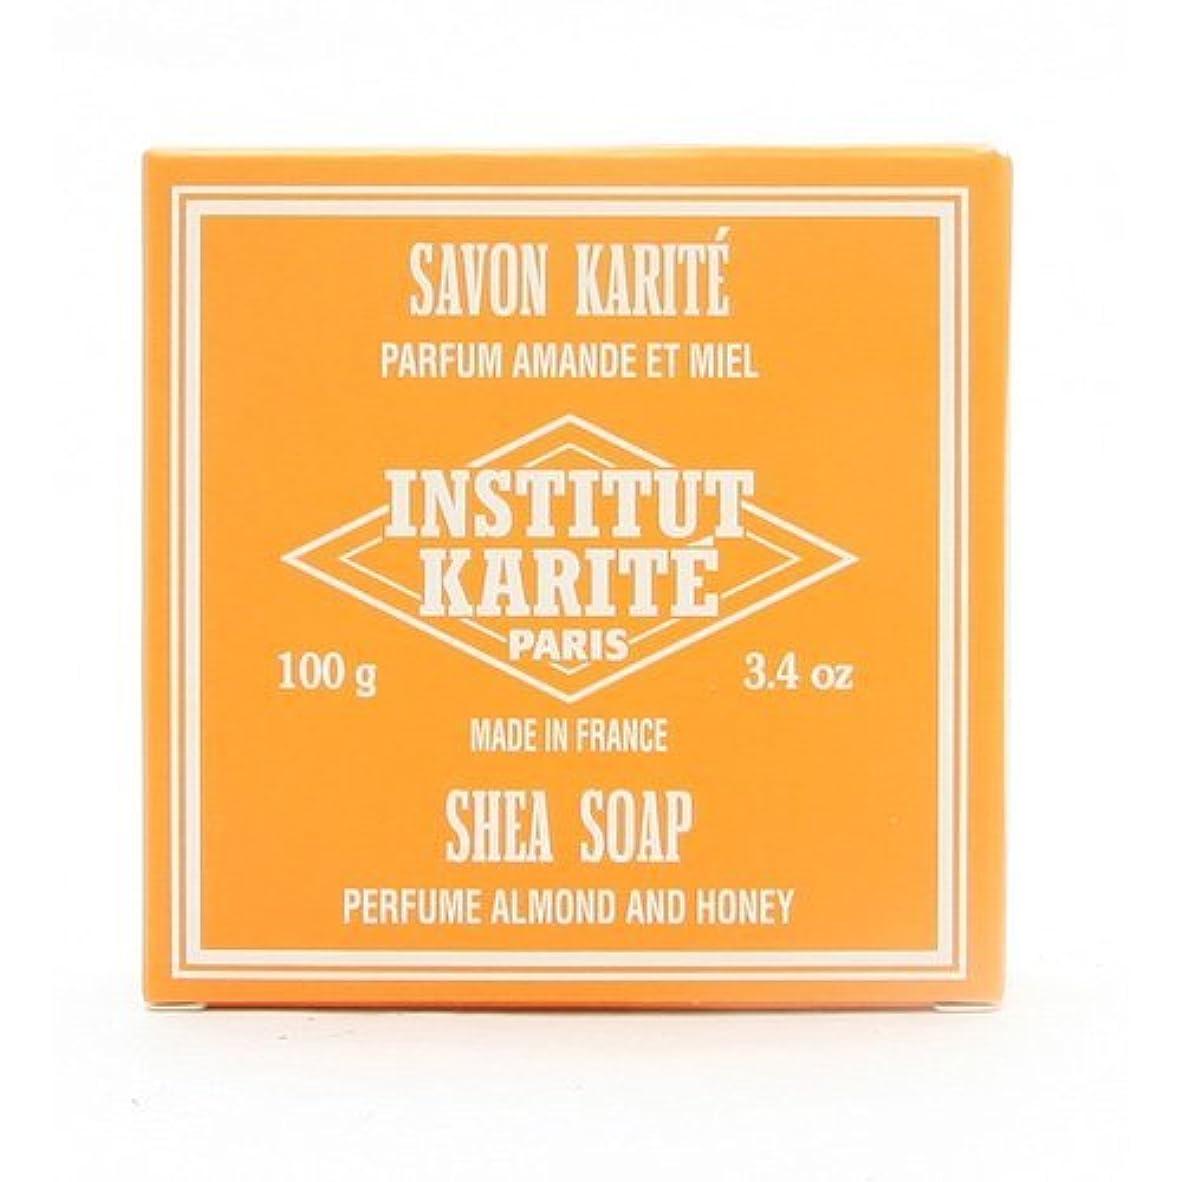 完了好ましい調査INSTITUT KARITE インスティテュート カリテ 25% Extra Gentle Soap ジェントルソープ 100g Almond Honey アーモンドハニー